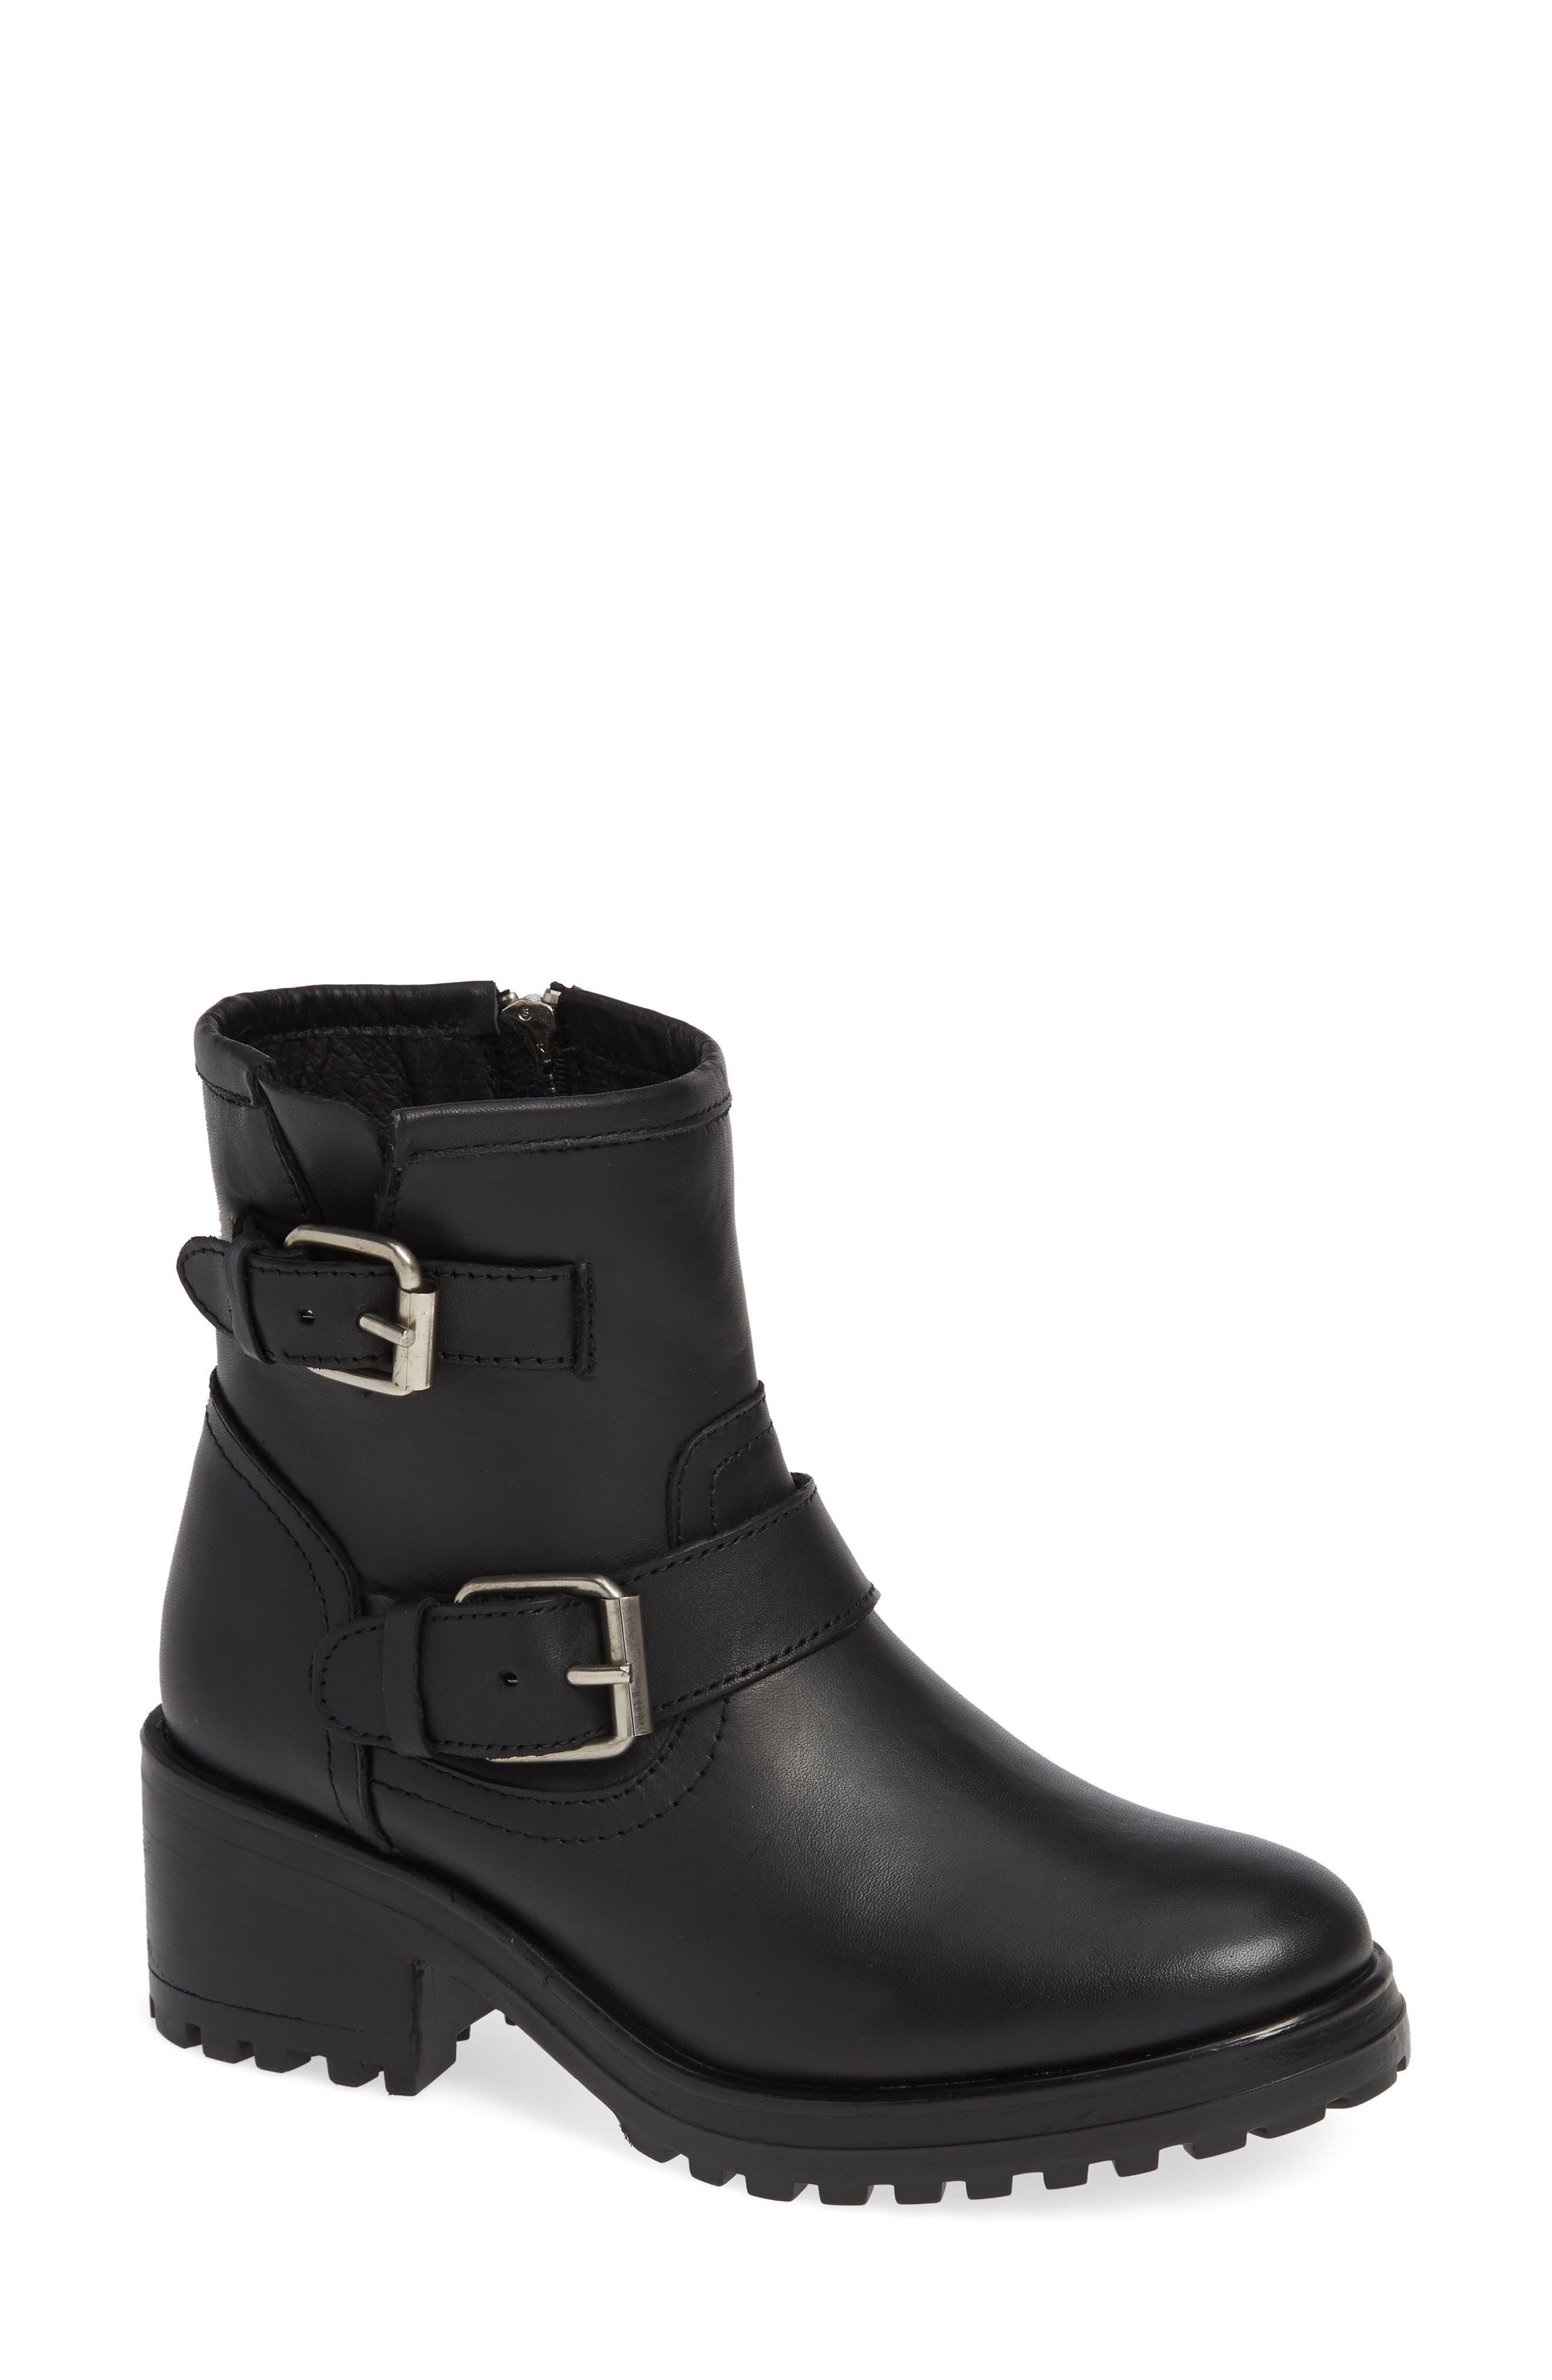 73043610730 Steve Madden Boots for Women